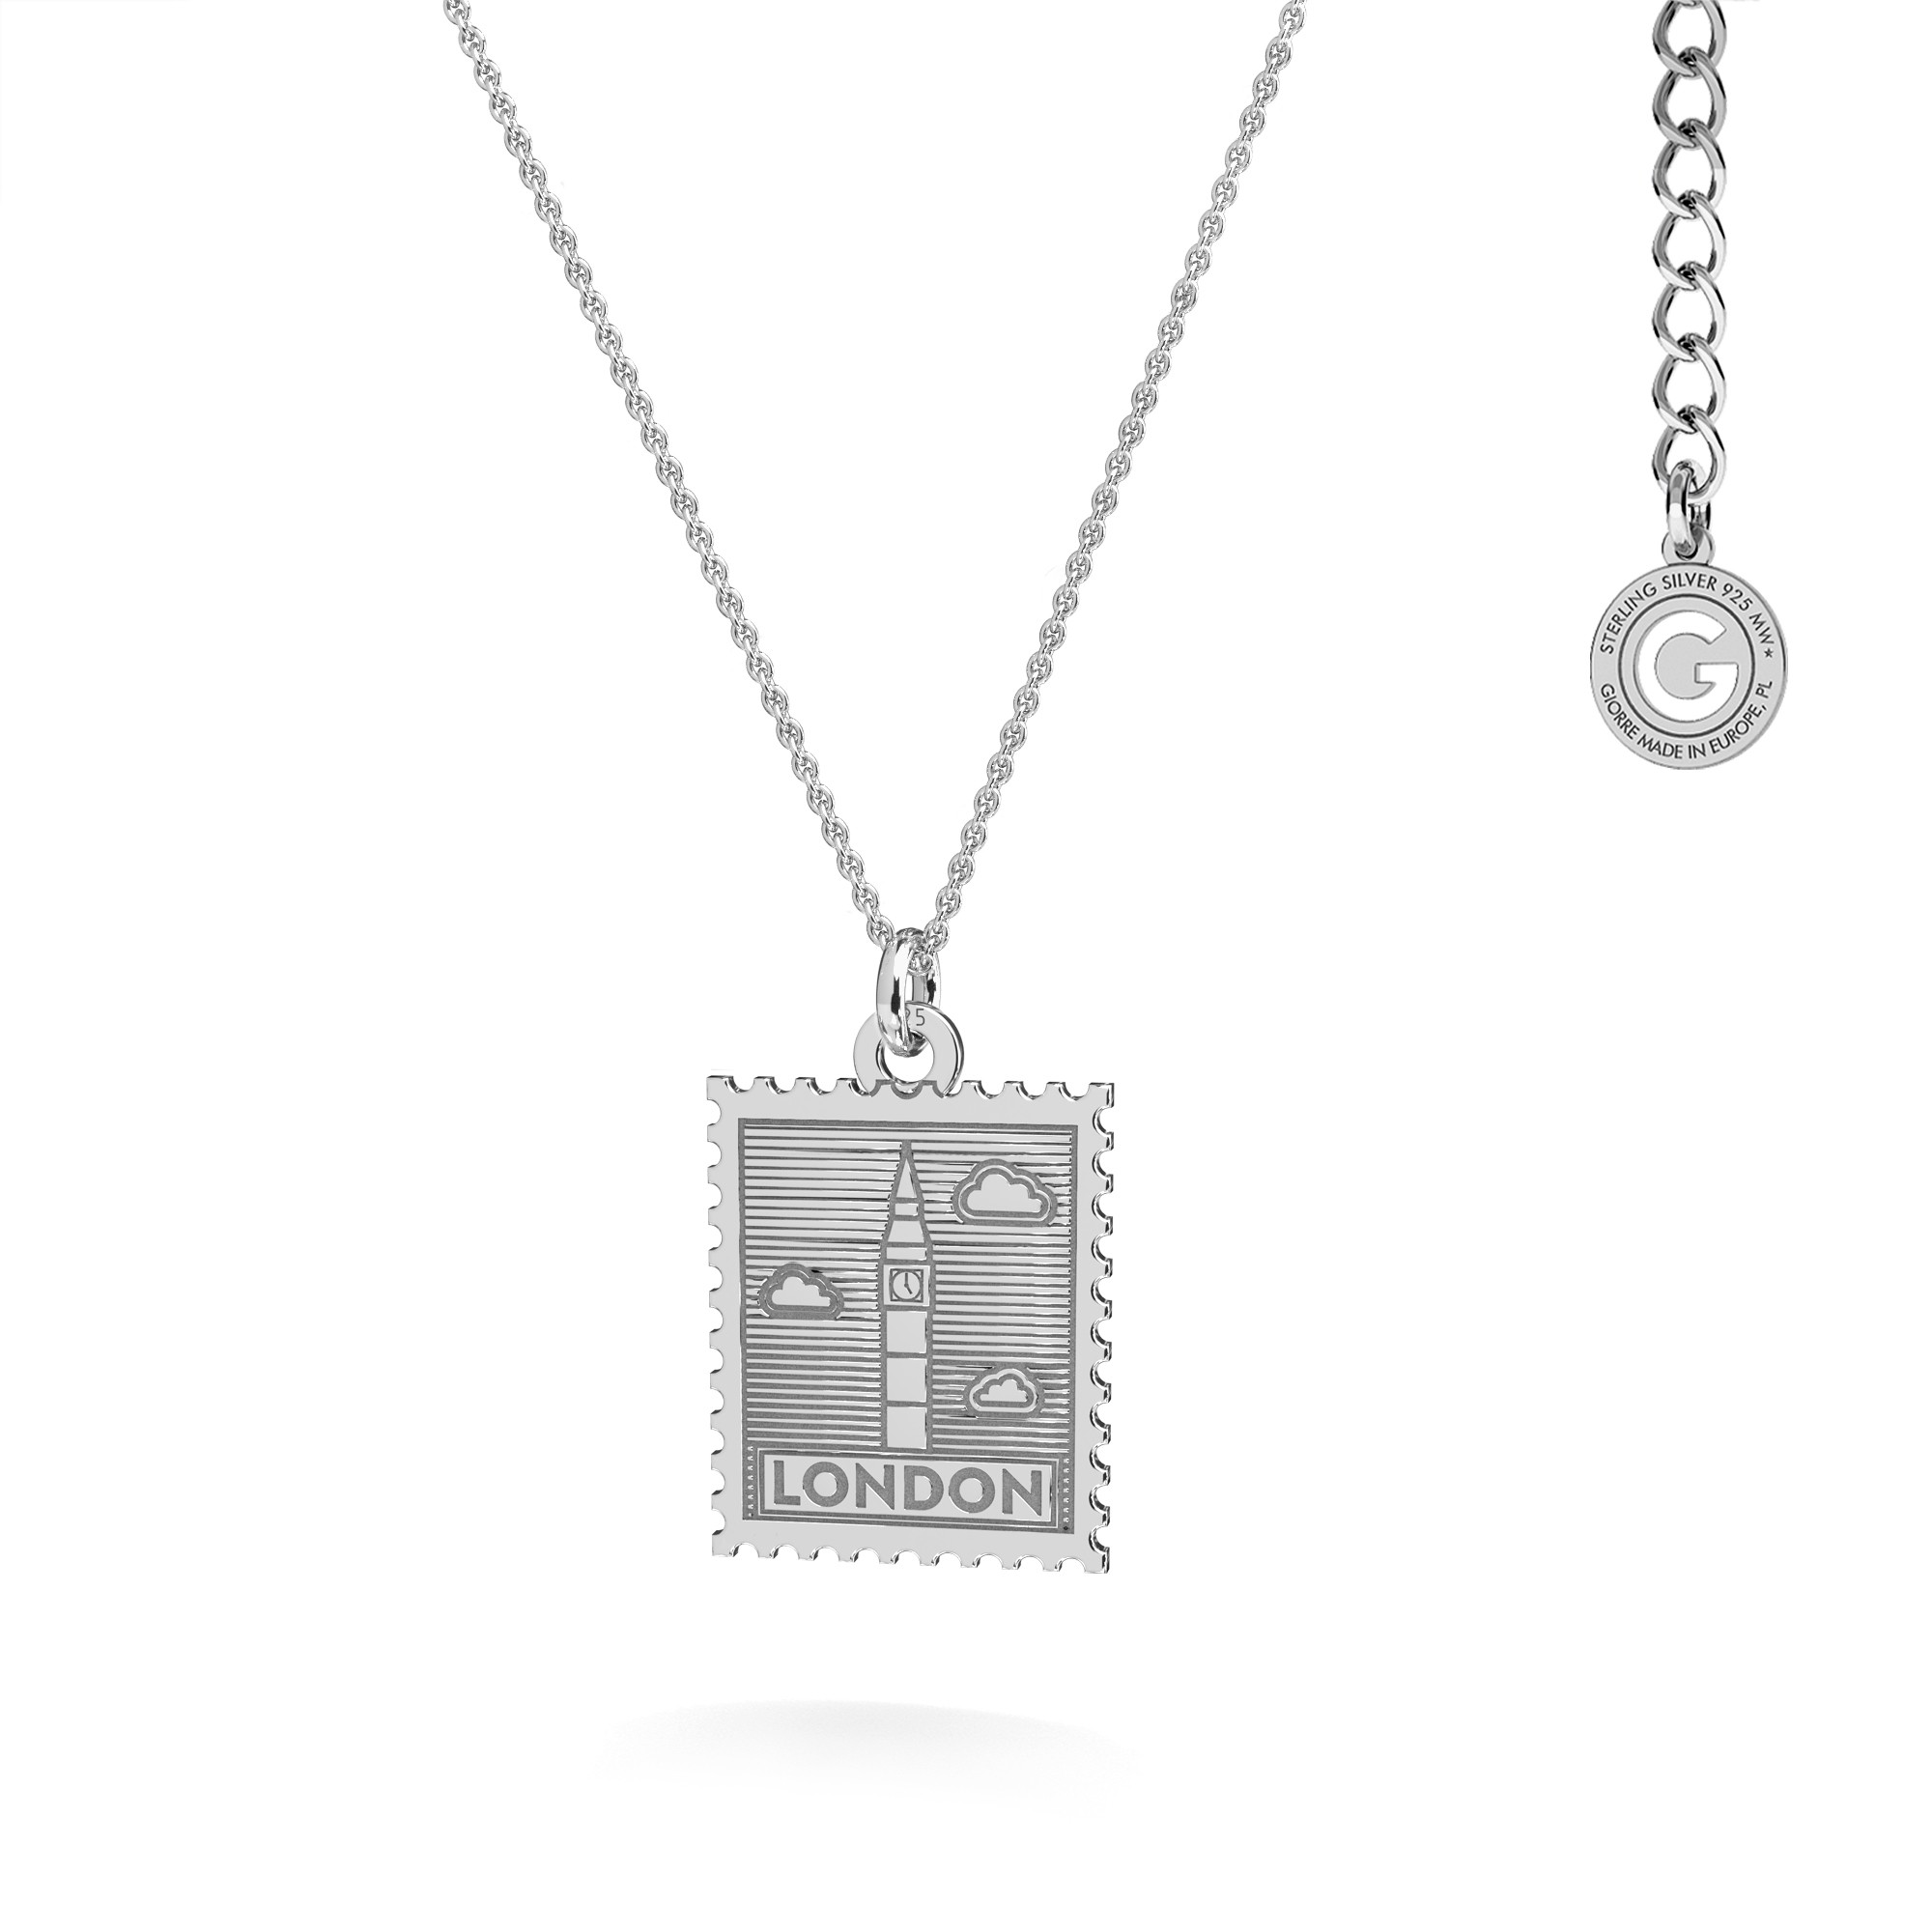 Srebrny naszyjnik znaczek pocztowy z Londynu, srebro 925